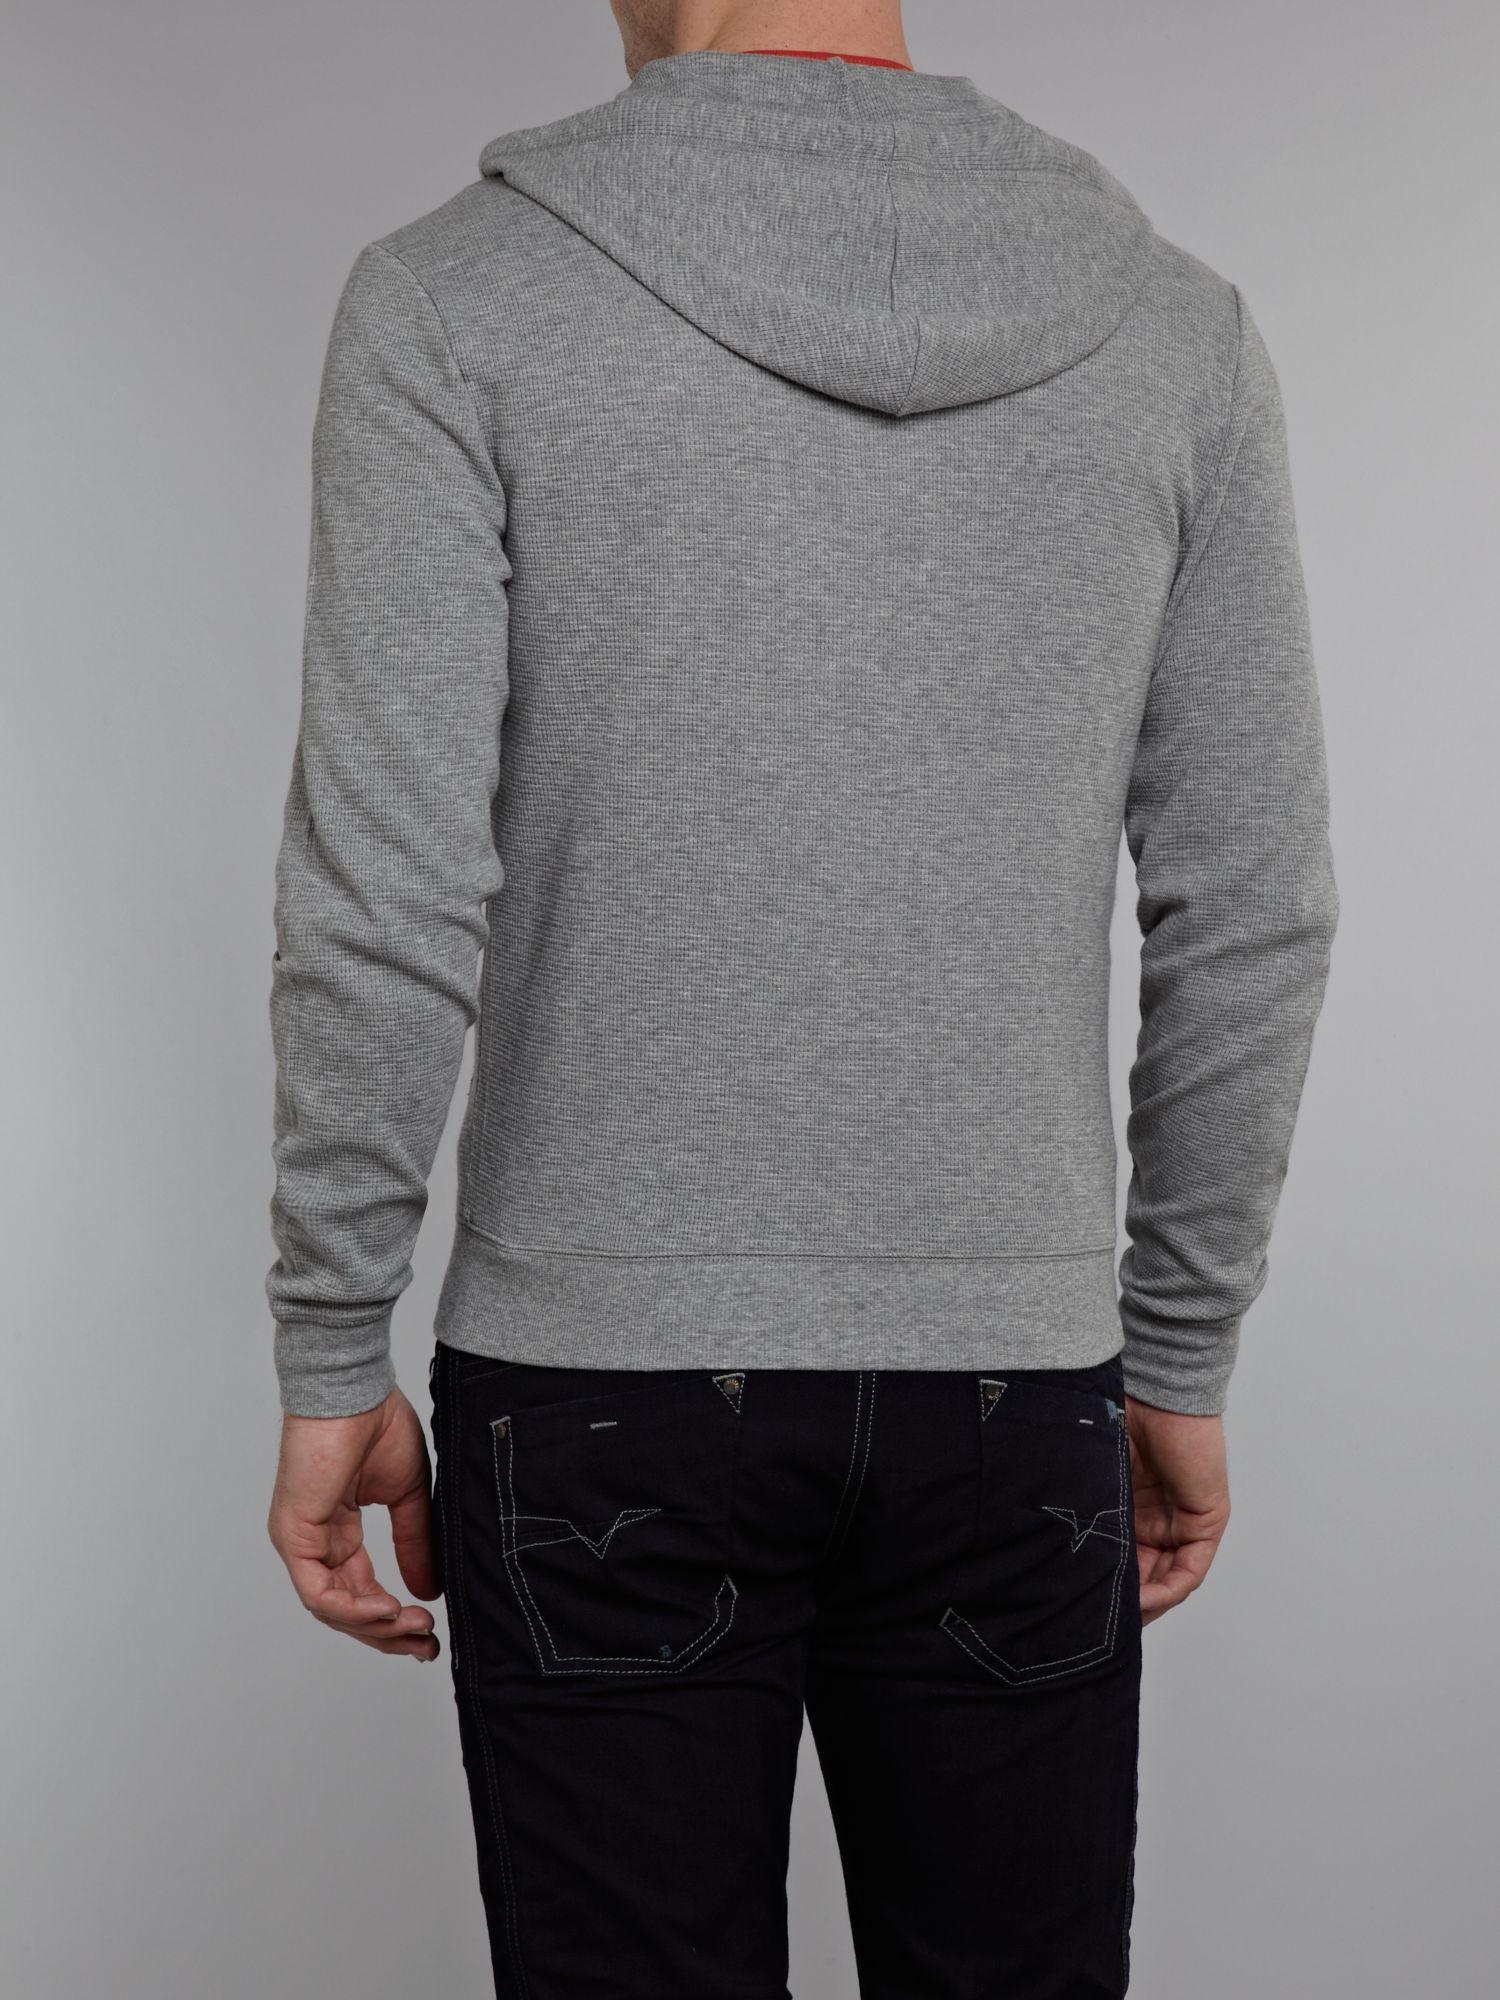 Original Penguin Double Face Zip Through Hooded Jumper in Grey (Grey) for Men